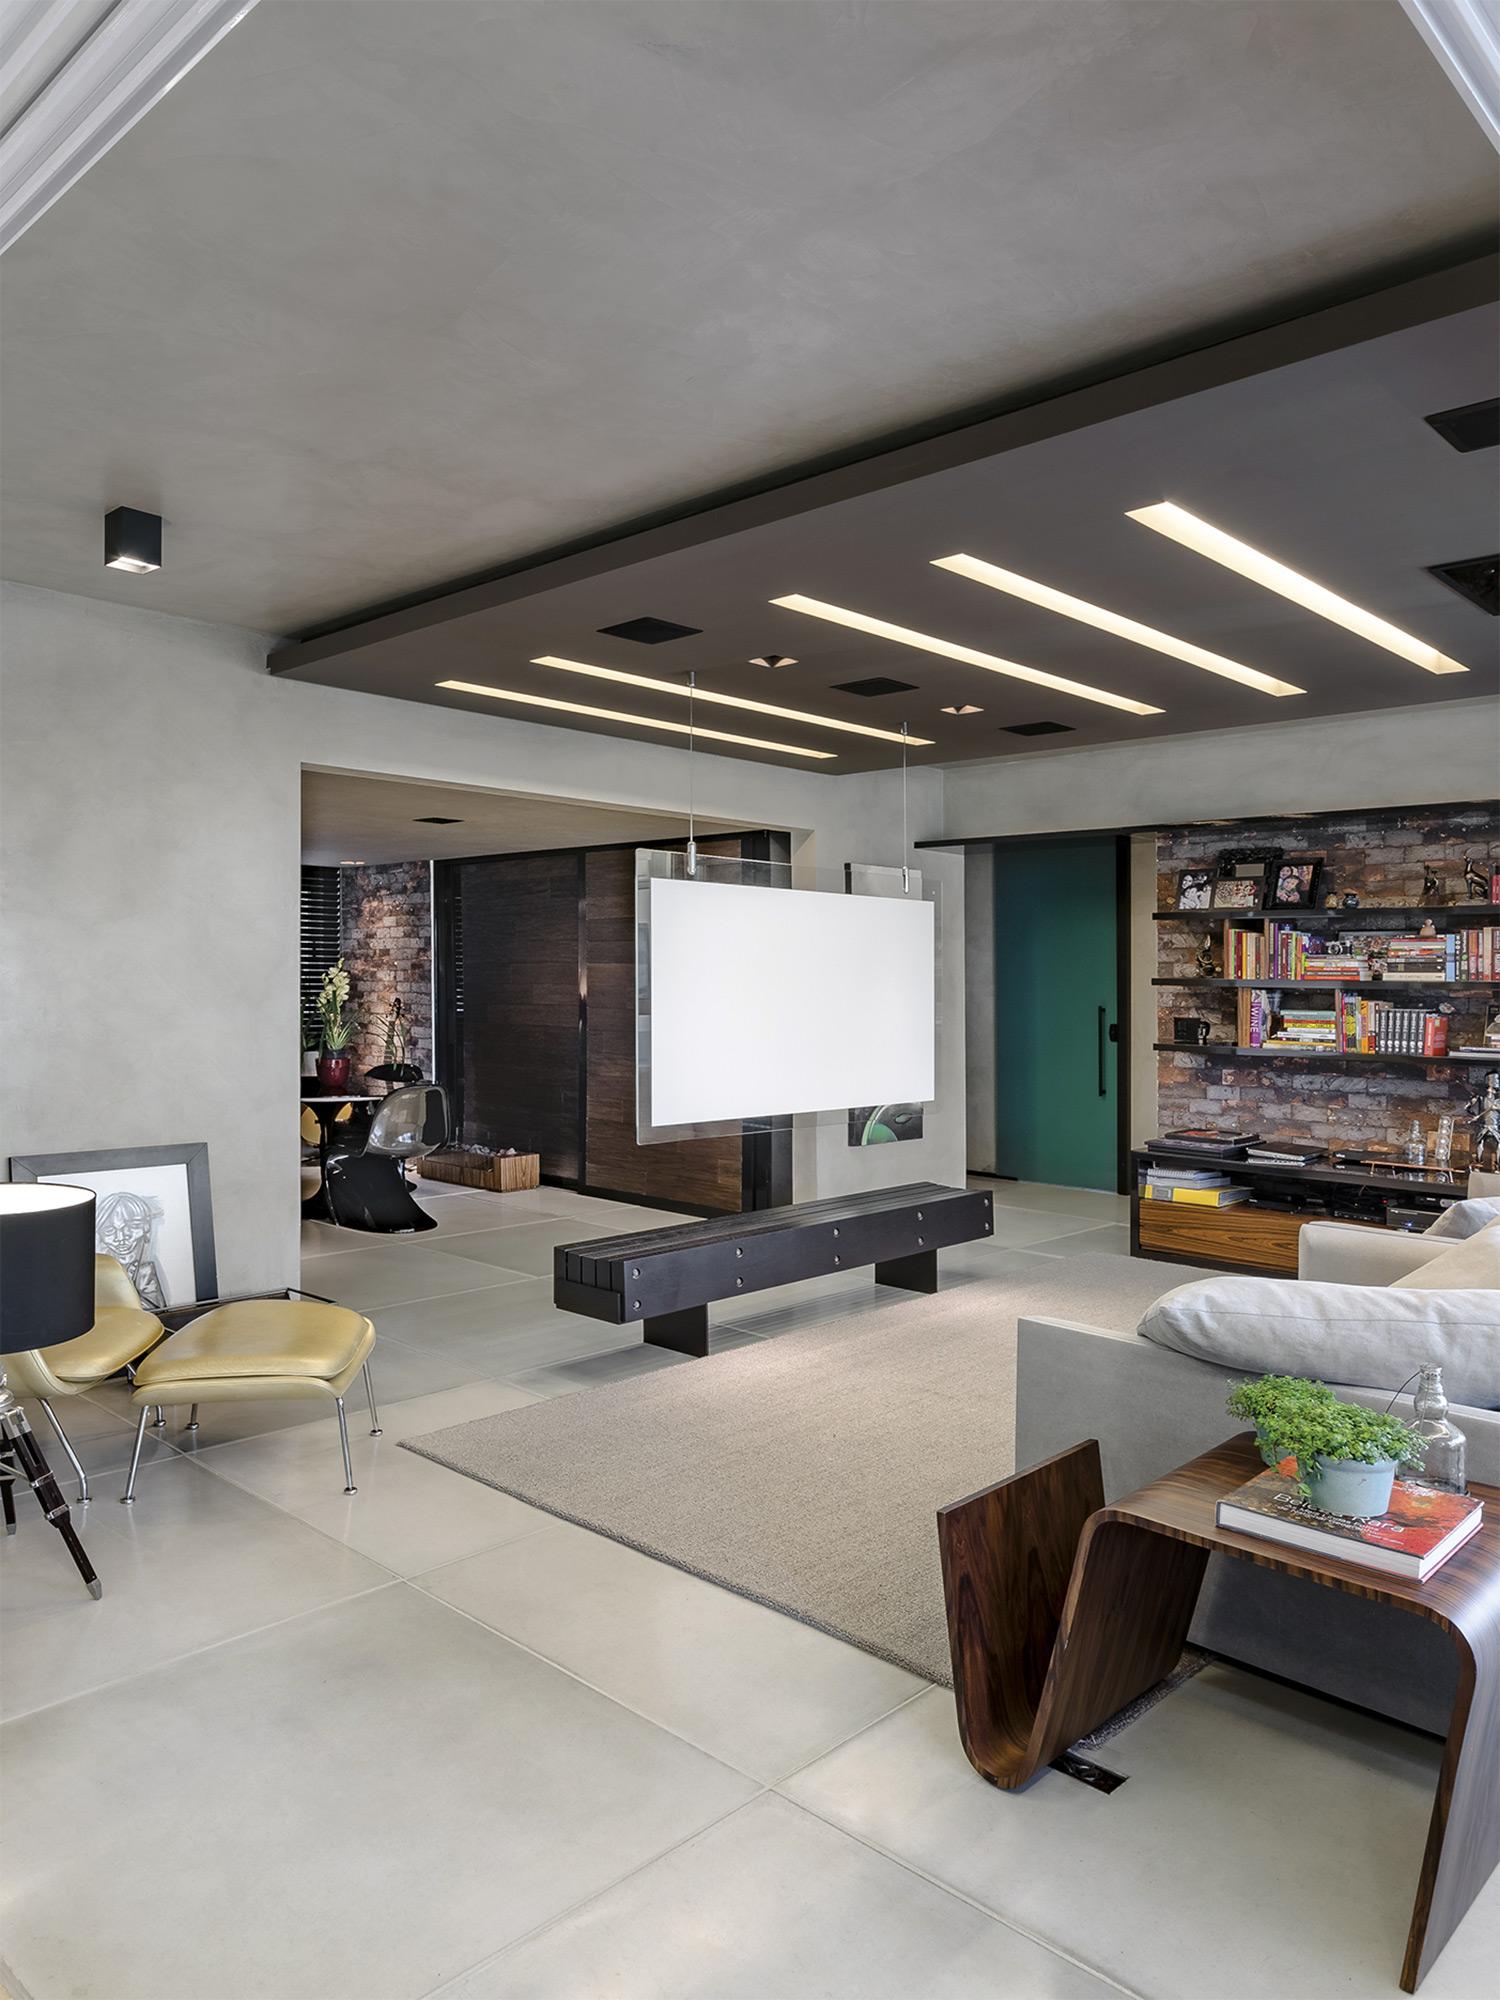 Piso Paris Cinza - Escritório Okha Arquitetura e Design - Foto Ronaldo Rizzutti